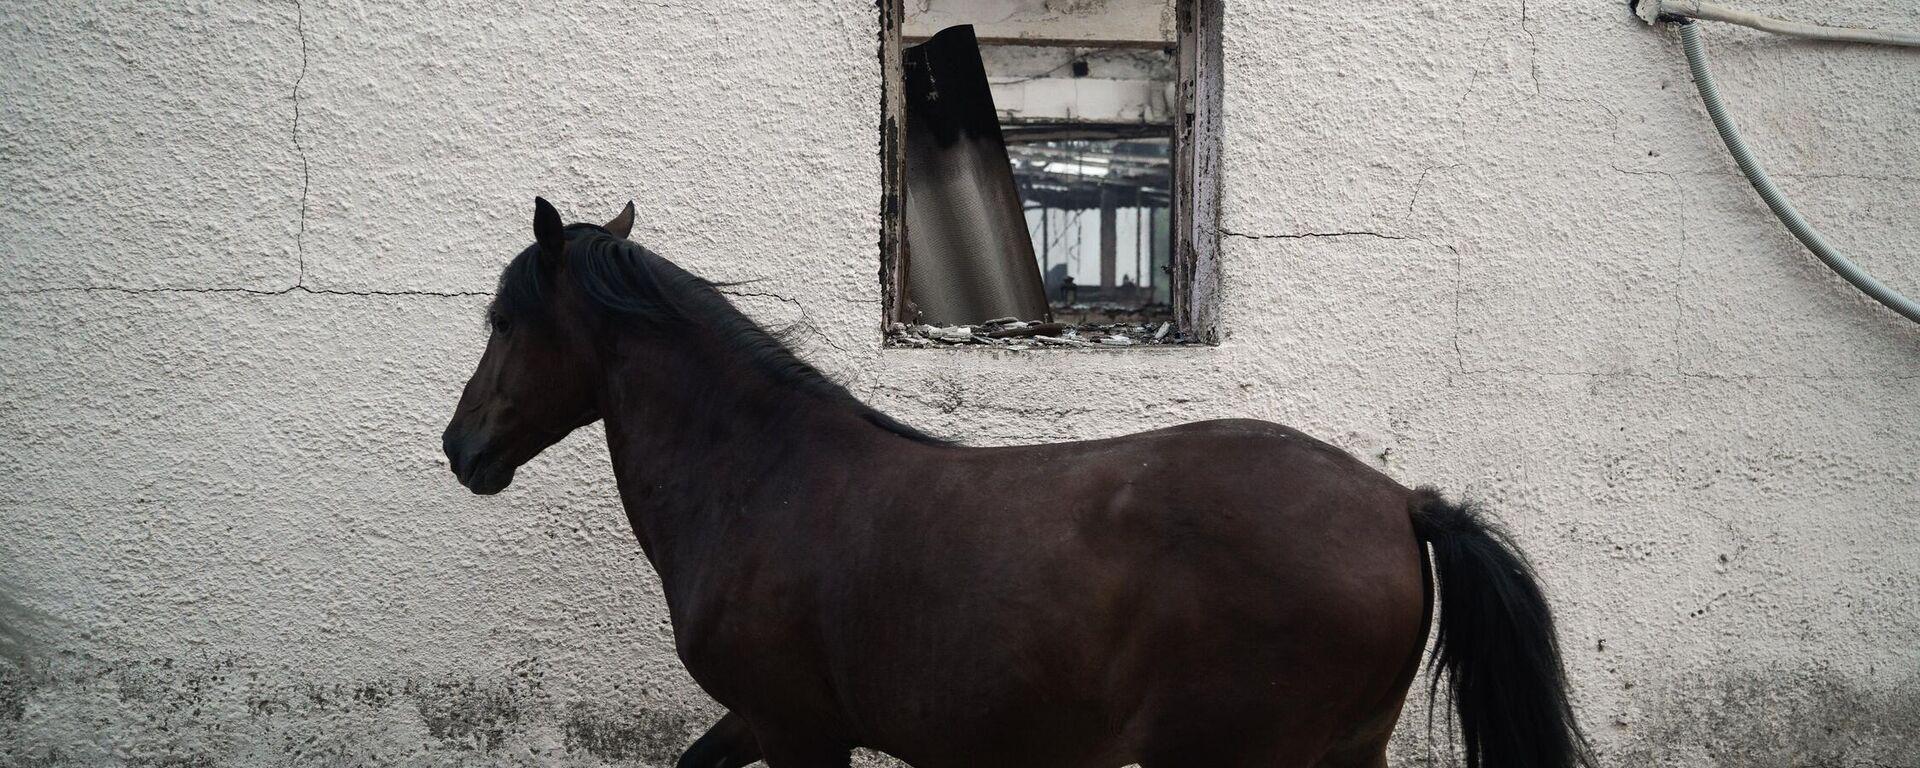 Τα ζώα θύματα της φωτιάς στη Βαρυμπόμπη - Sputnik Ελλάδα, 1920, 09.08.2021